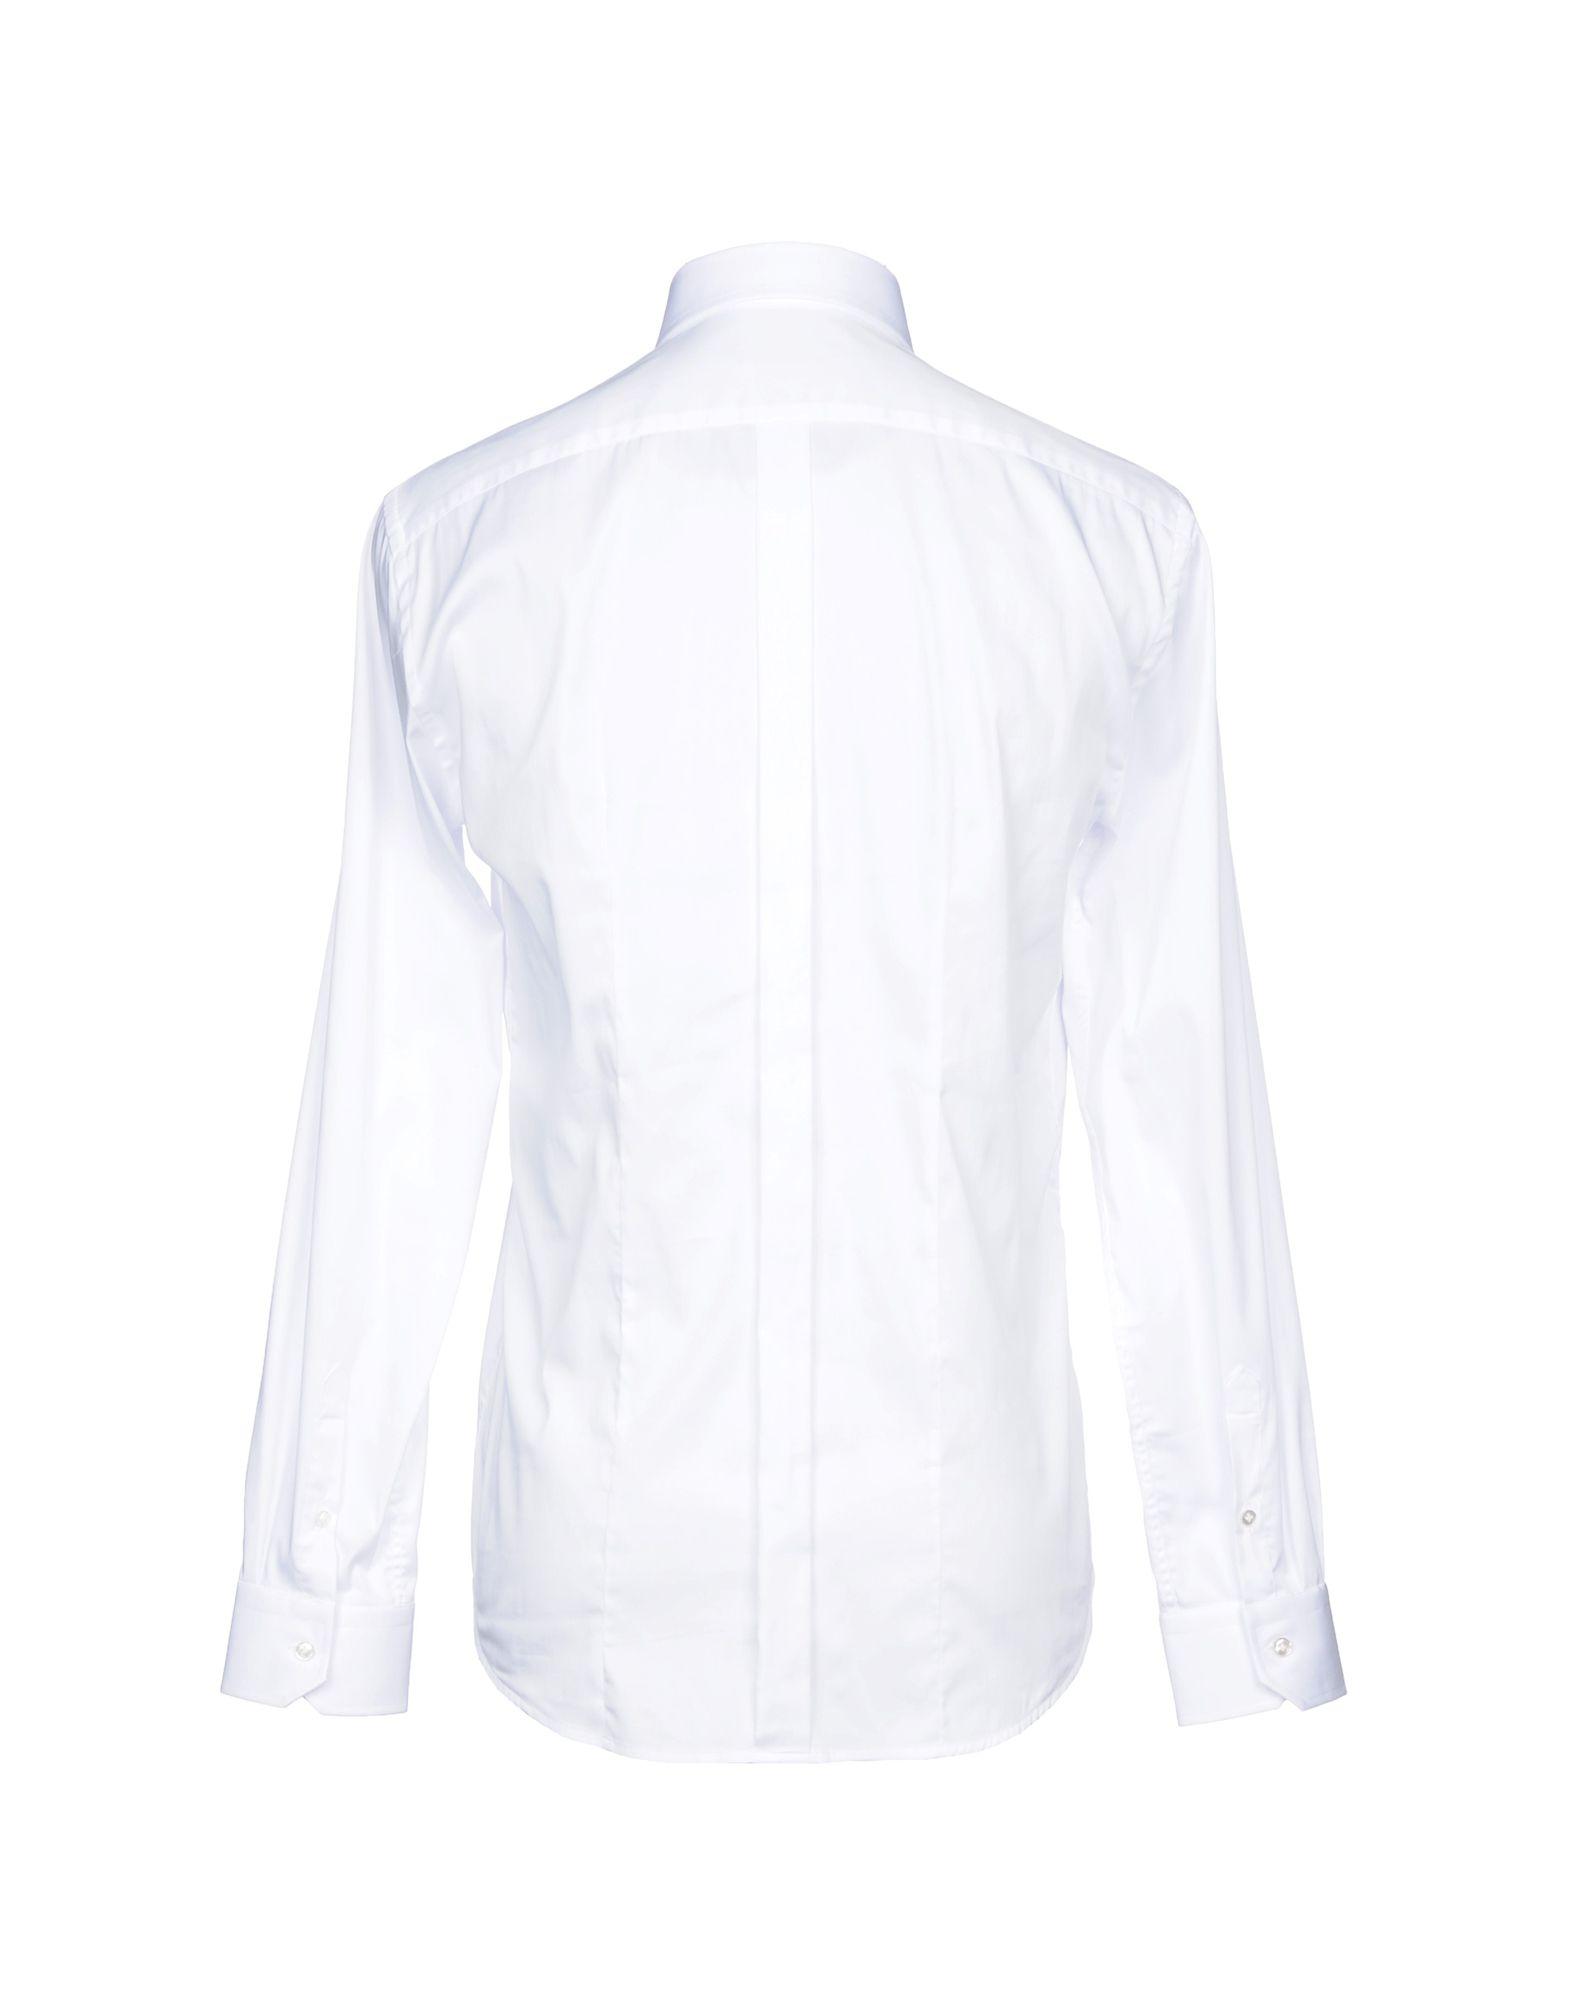 Camicia Tinta Tinta Camicia Unita Brian Dales Uomo - 38736578IA ecfde1